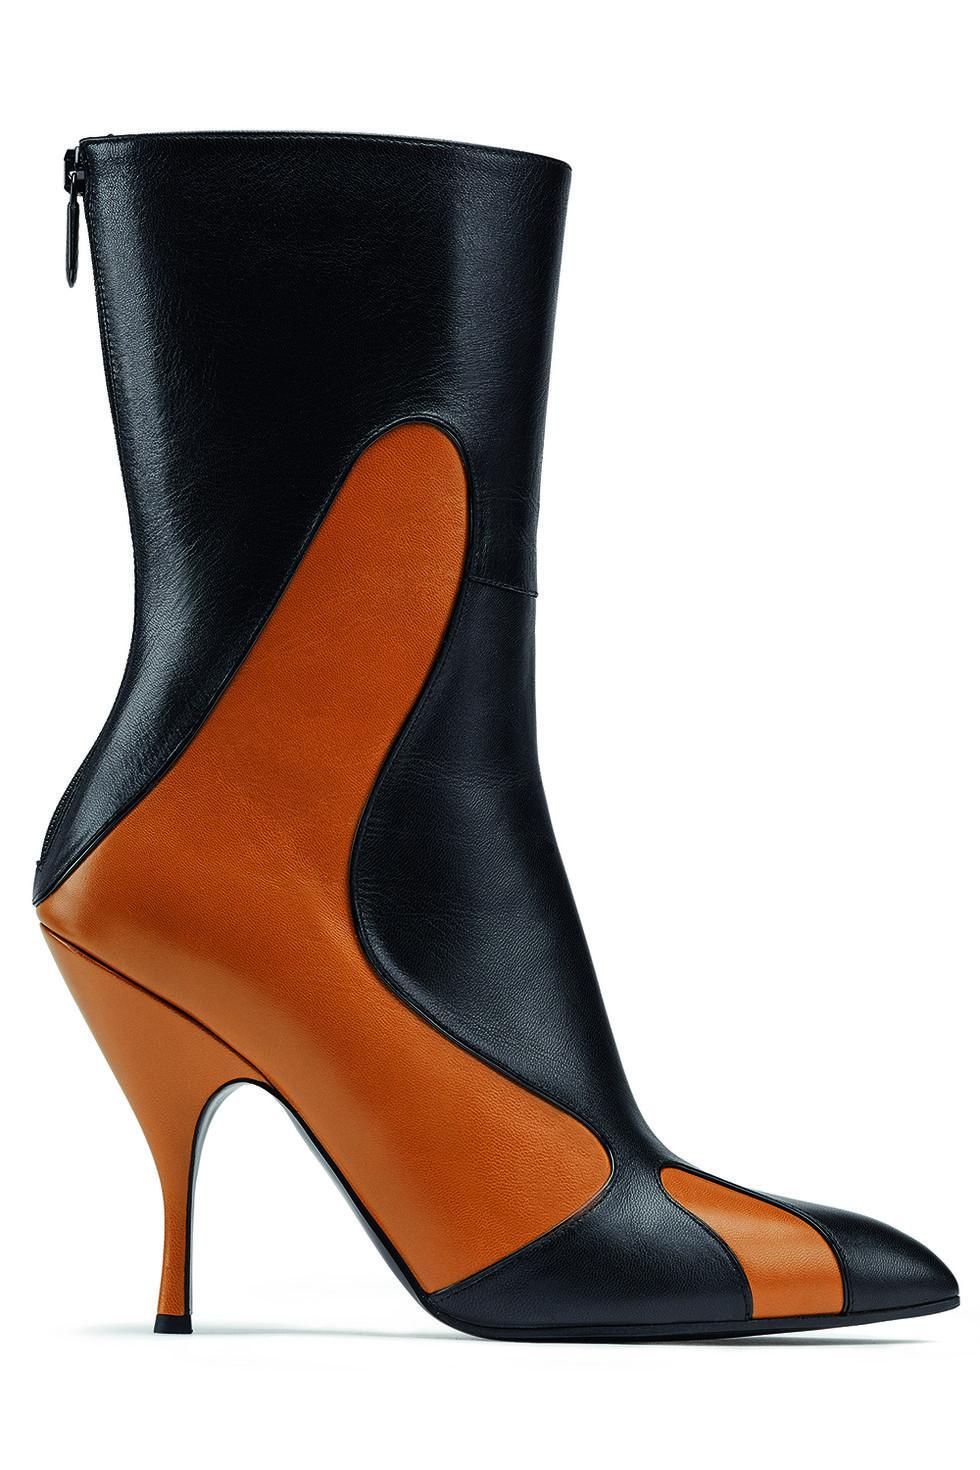 أحذية شتاء 2